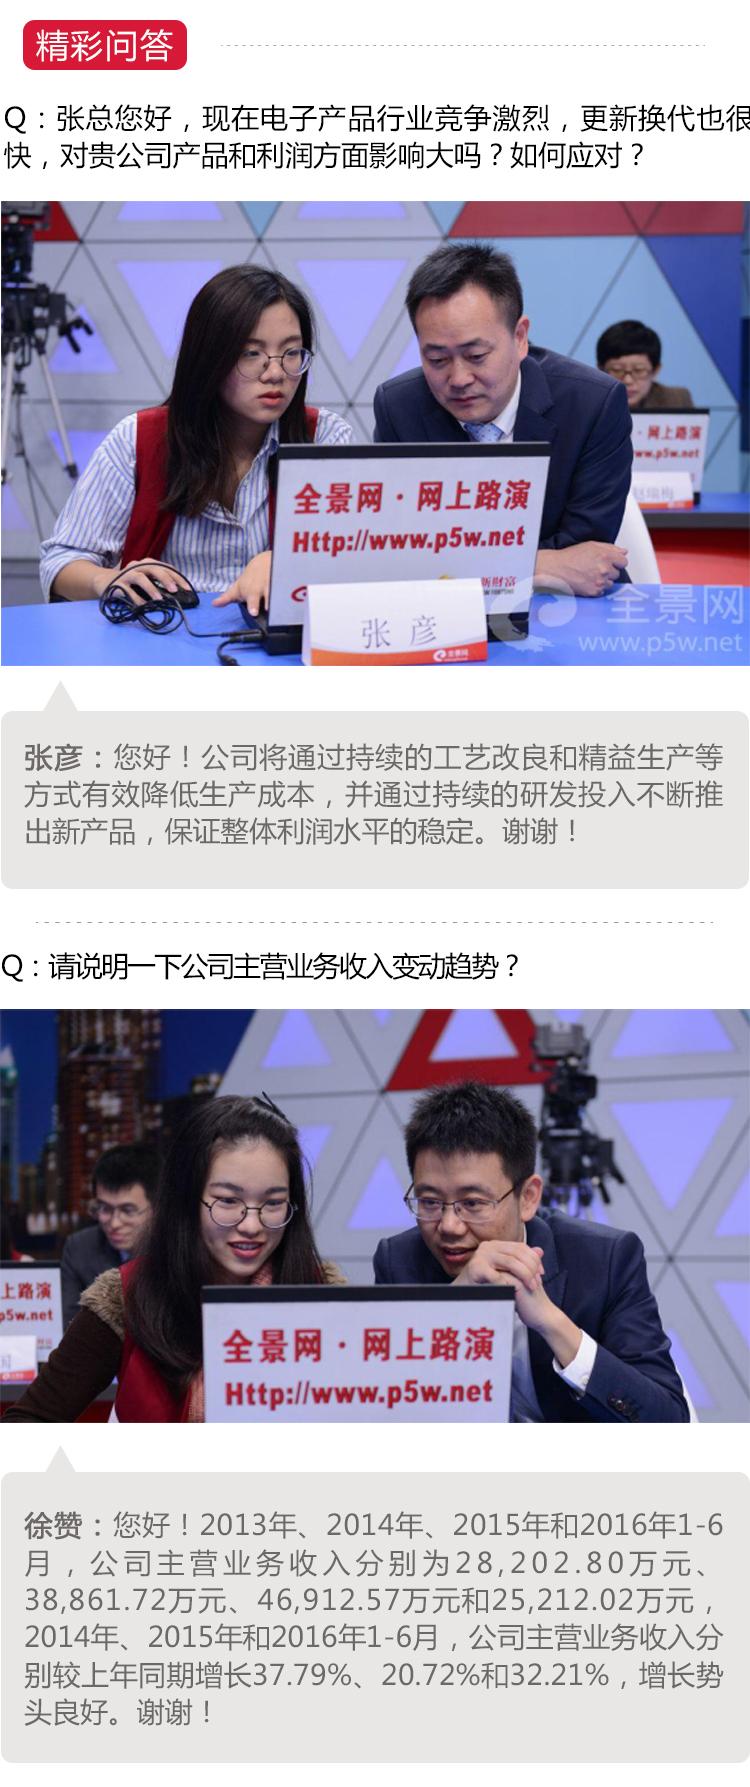 激智科技路演_05.png